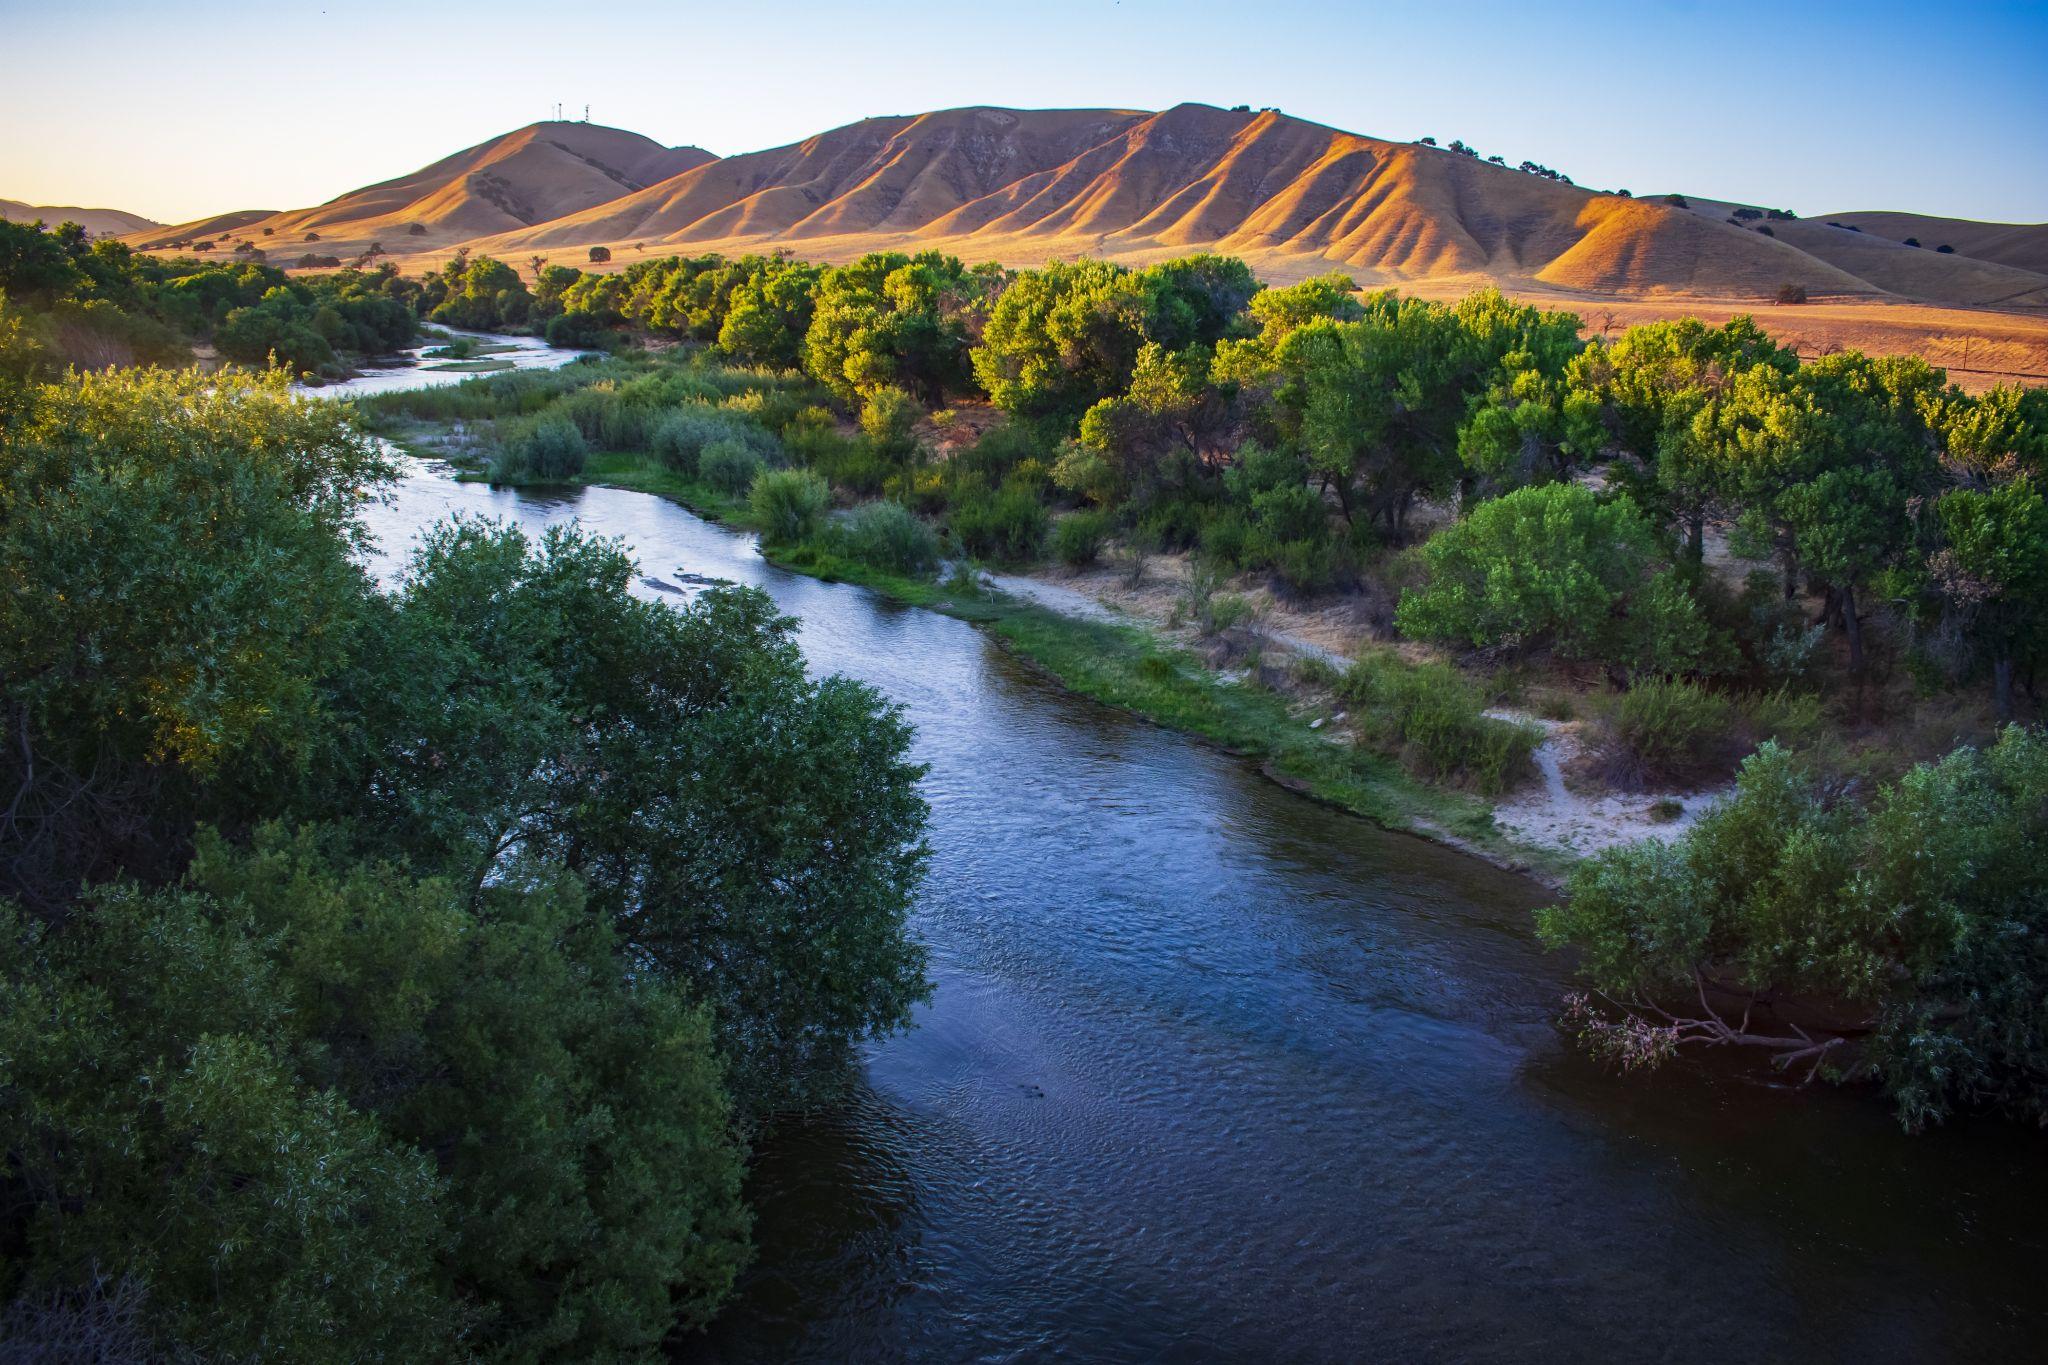 Salinas River, USA